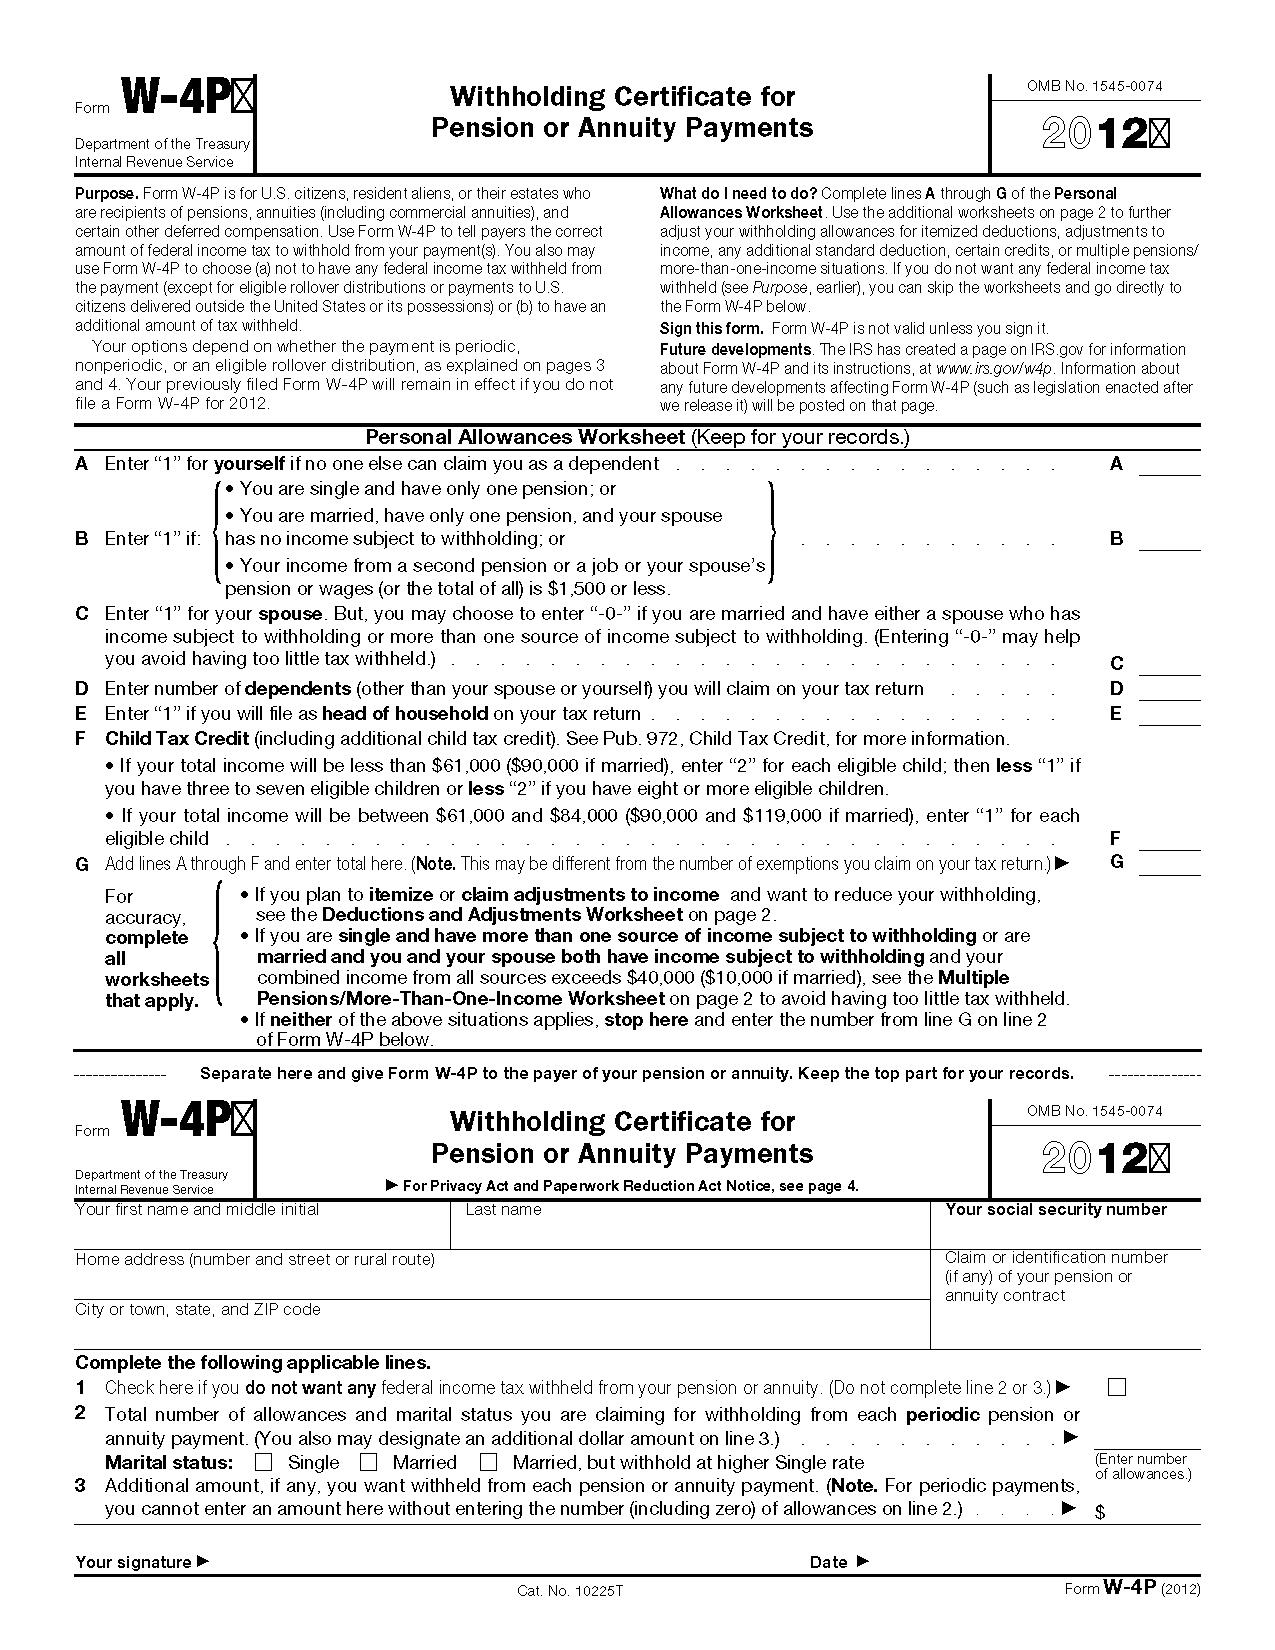 W4 Form Wisconsin